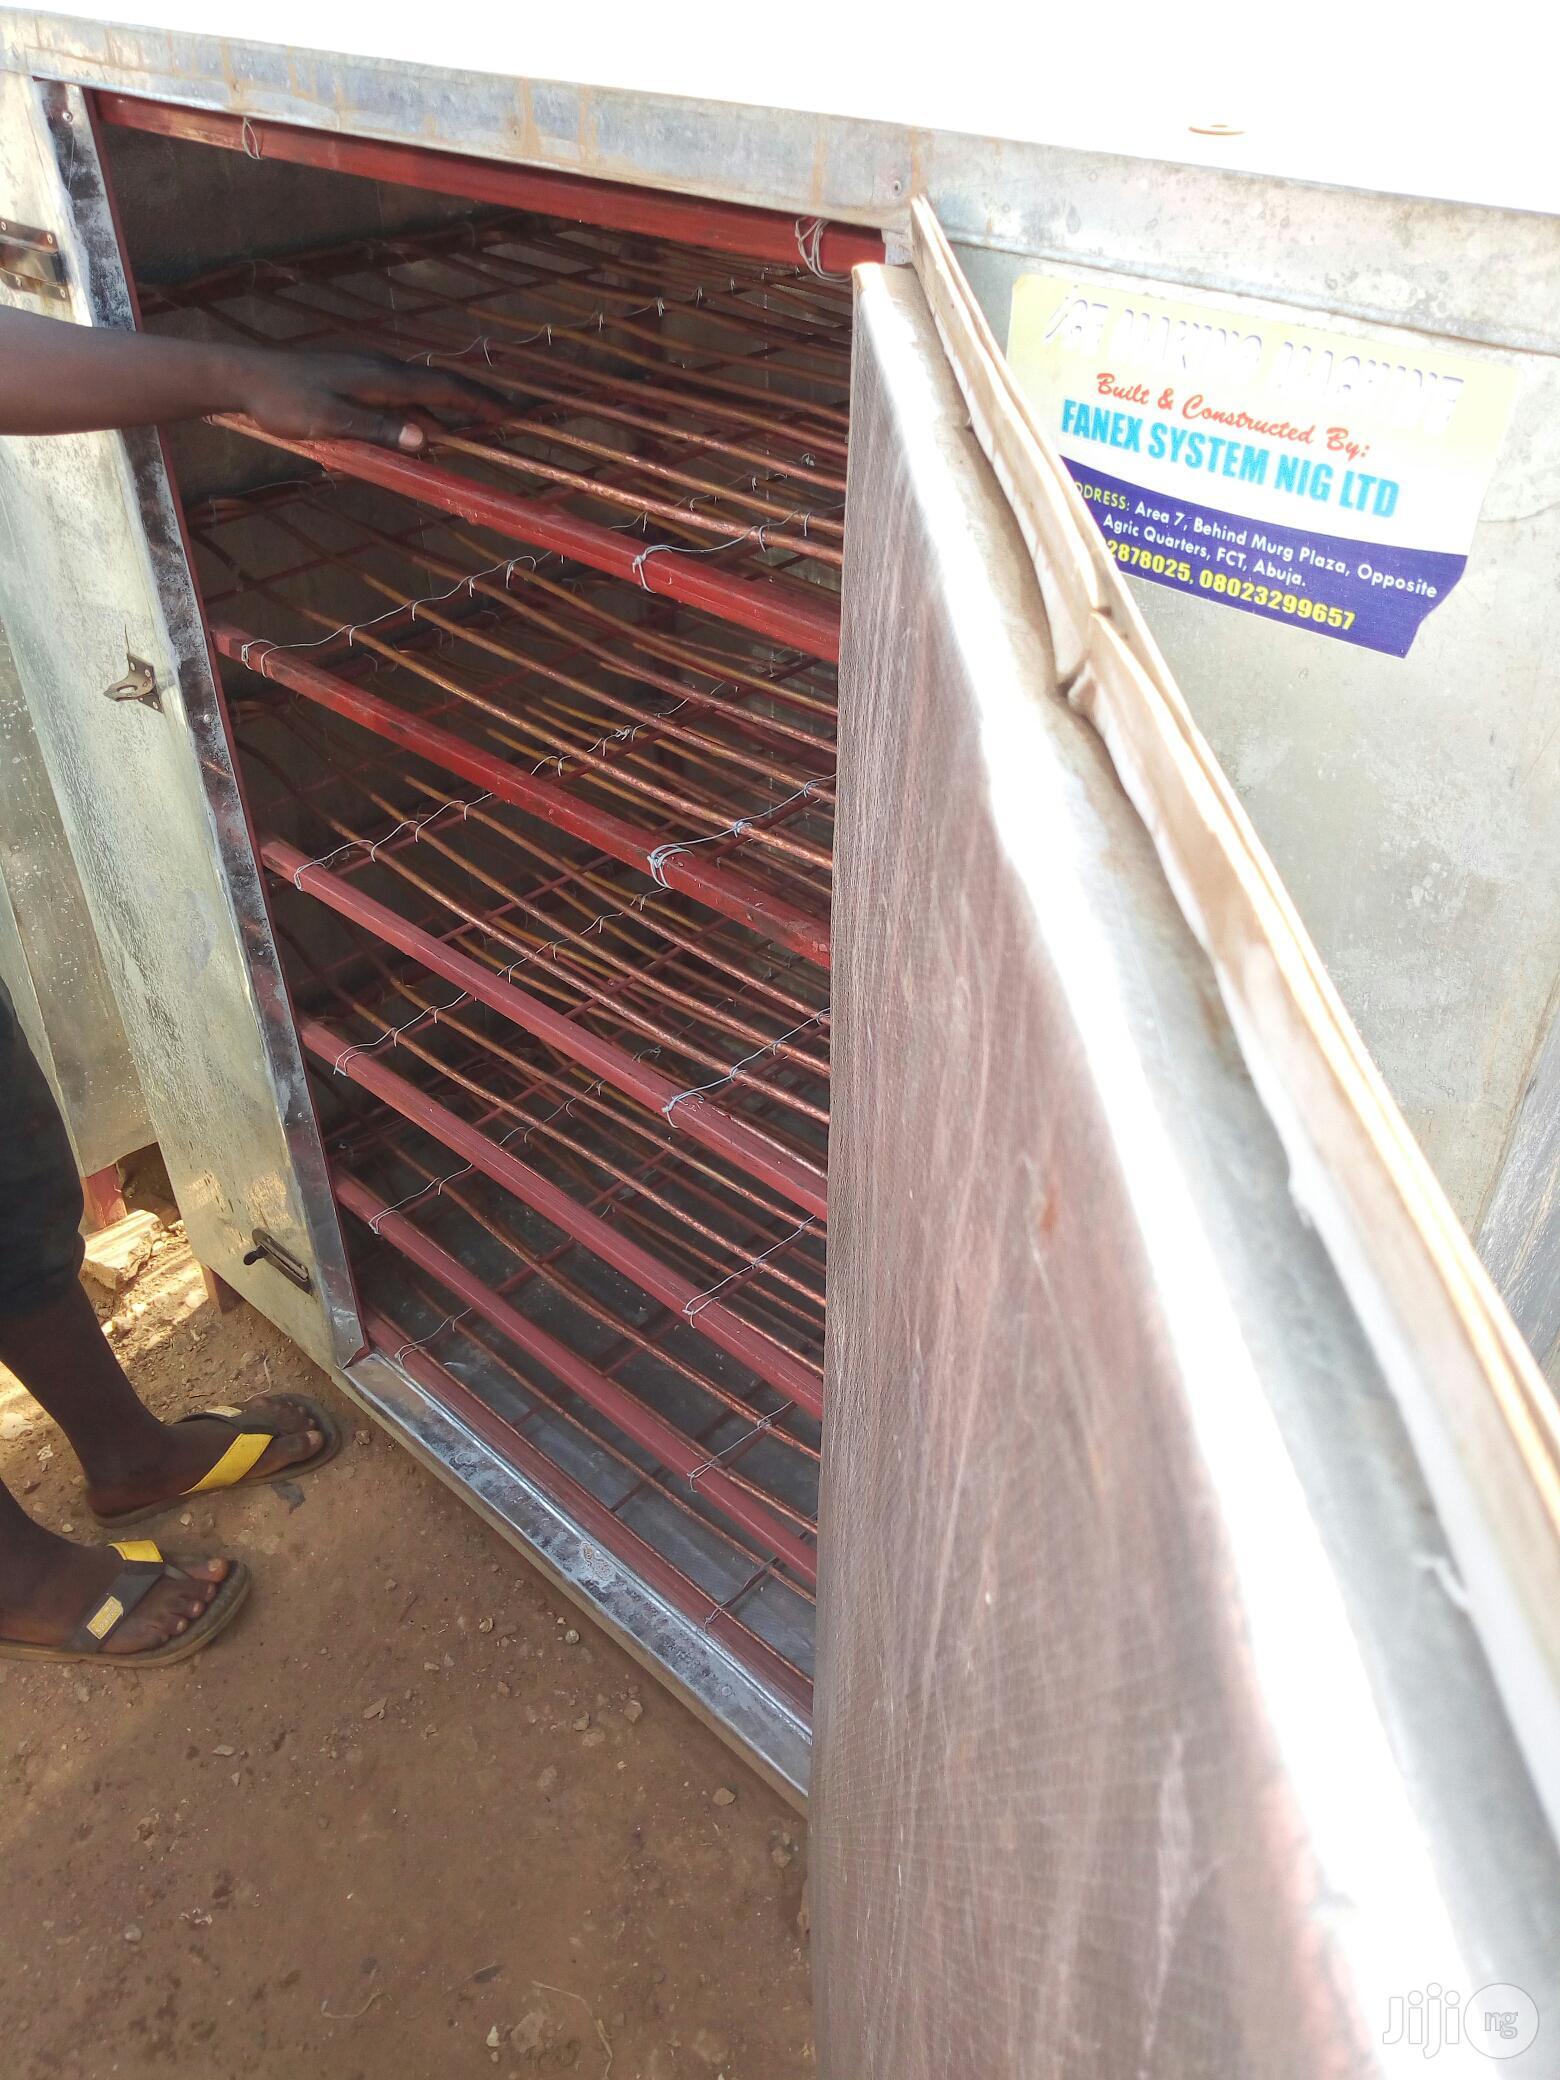 Iceblock Making Machine | Restaurant & Catering Equipment for sale in Nyanya, Abuja (FCT) State, Nigeria